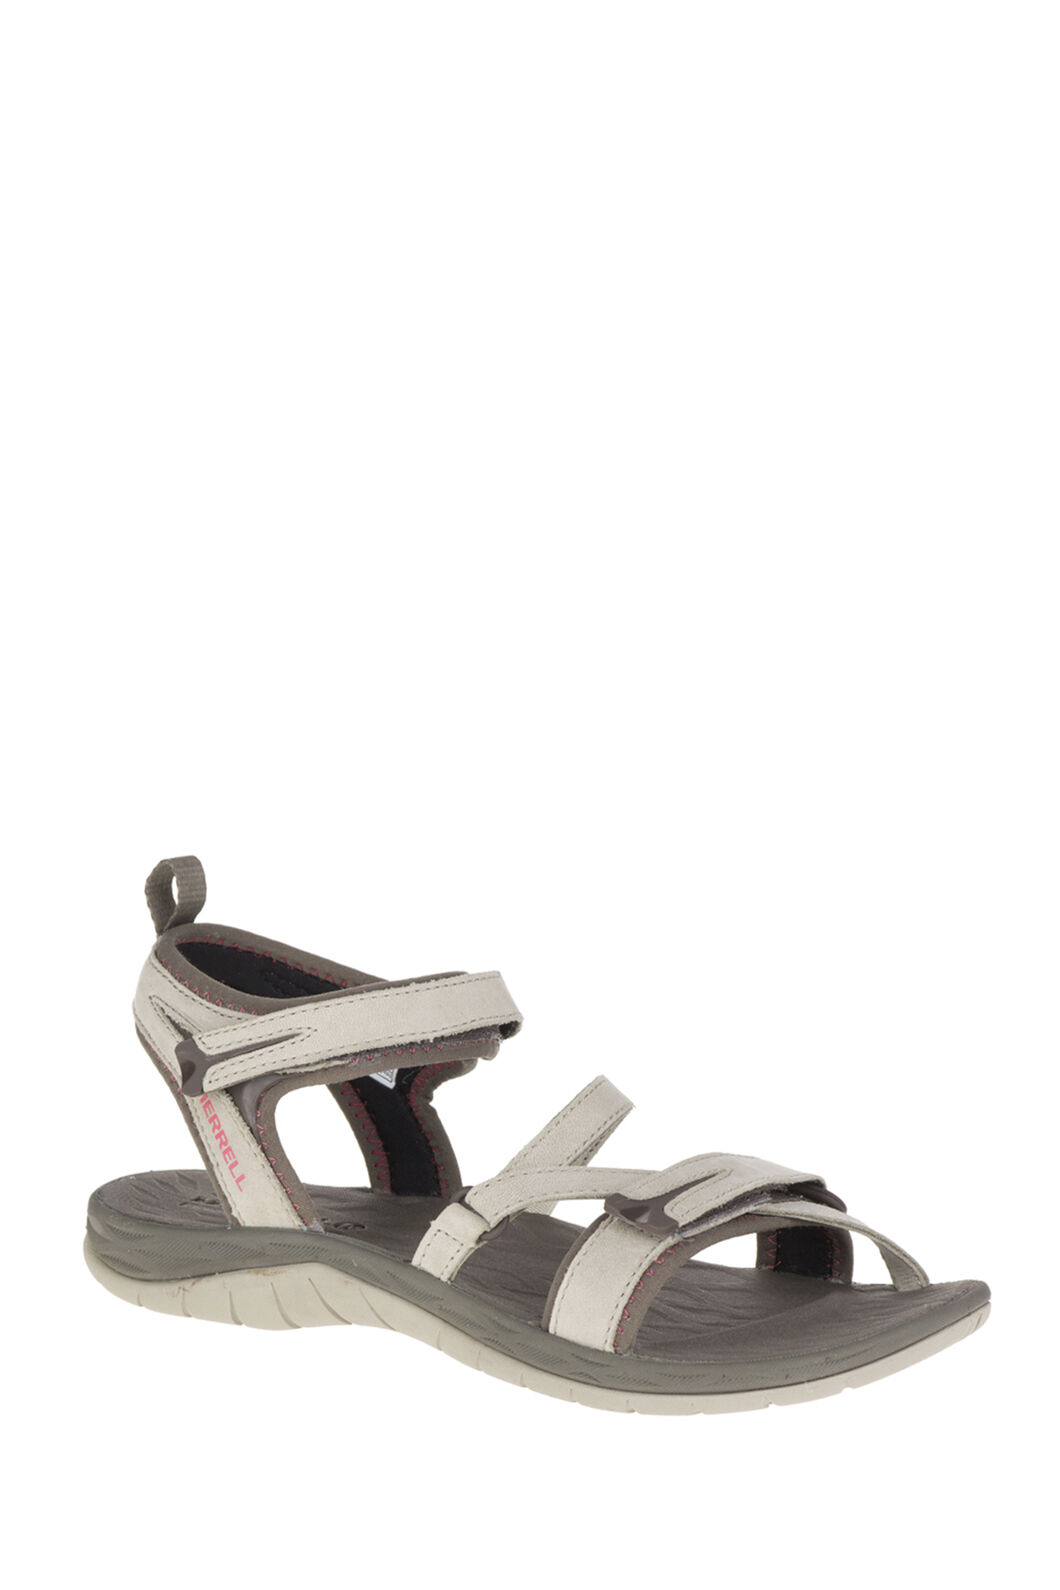 Merrell Women's Siren Q2 Strap Sandals Aluminium, ALUMINIUM, hi-res